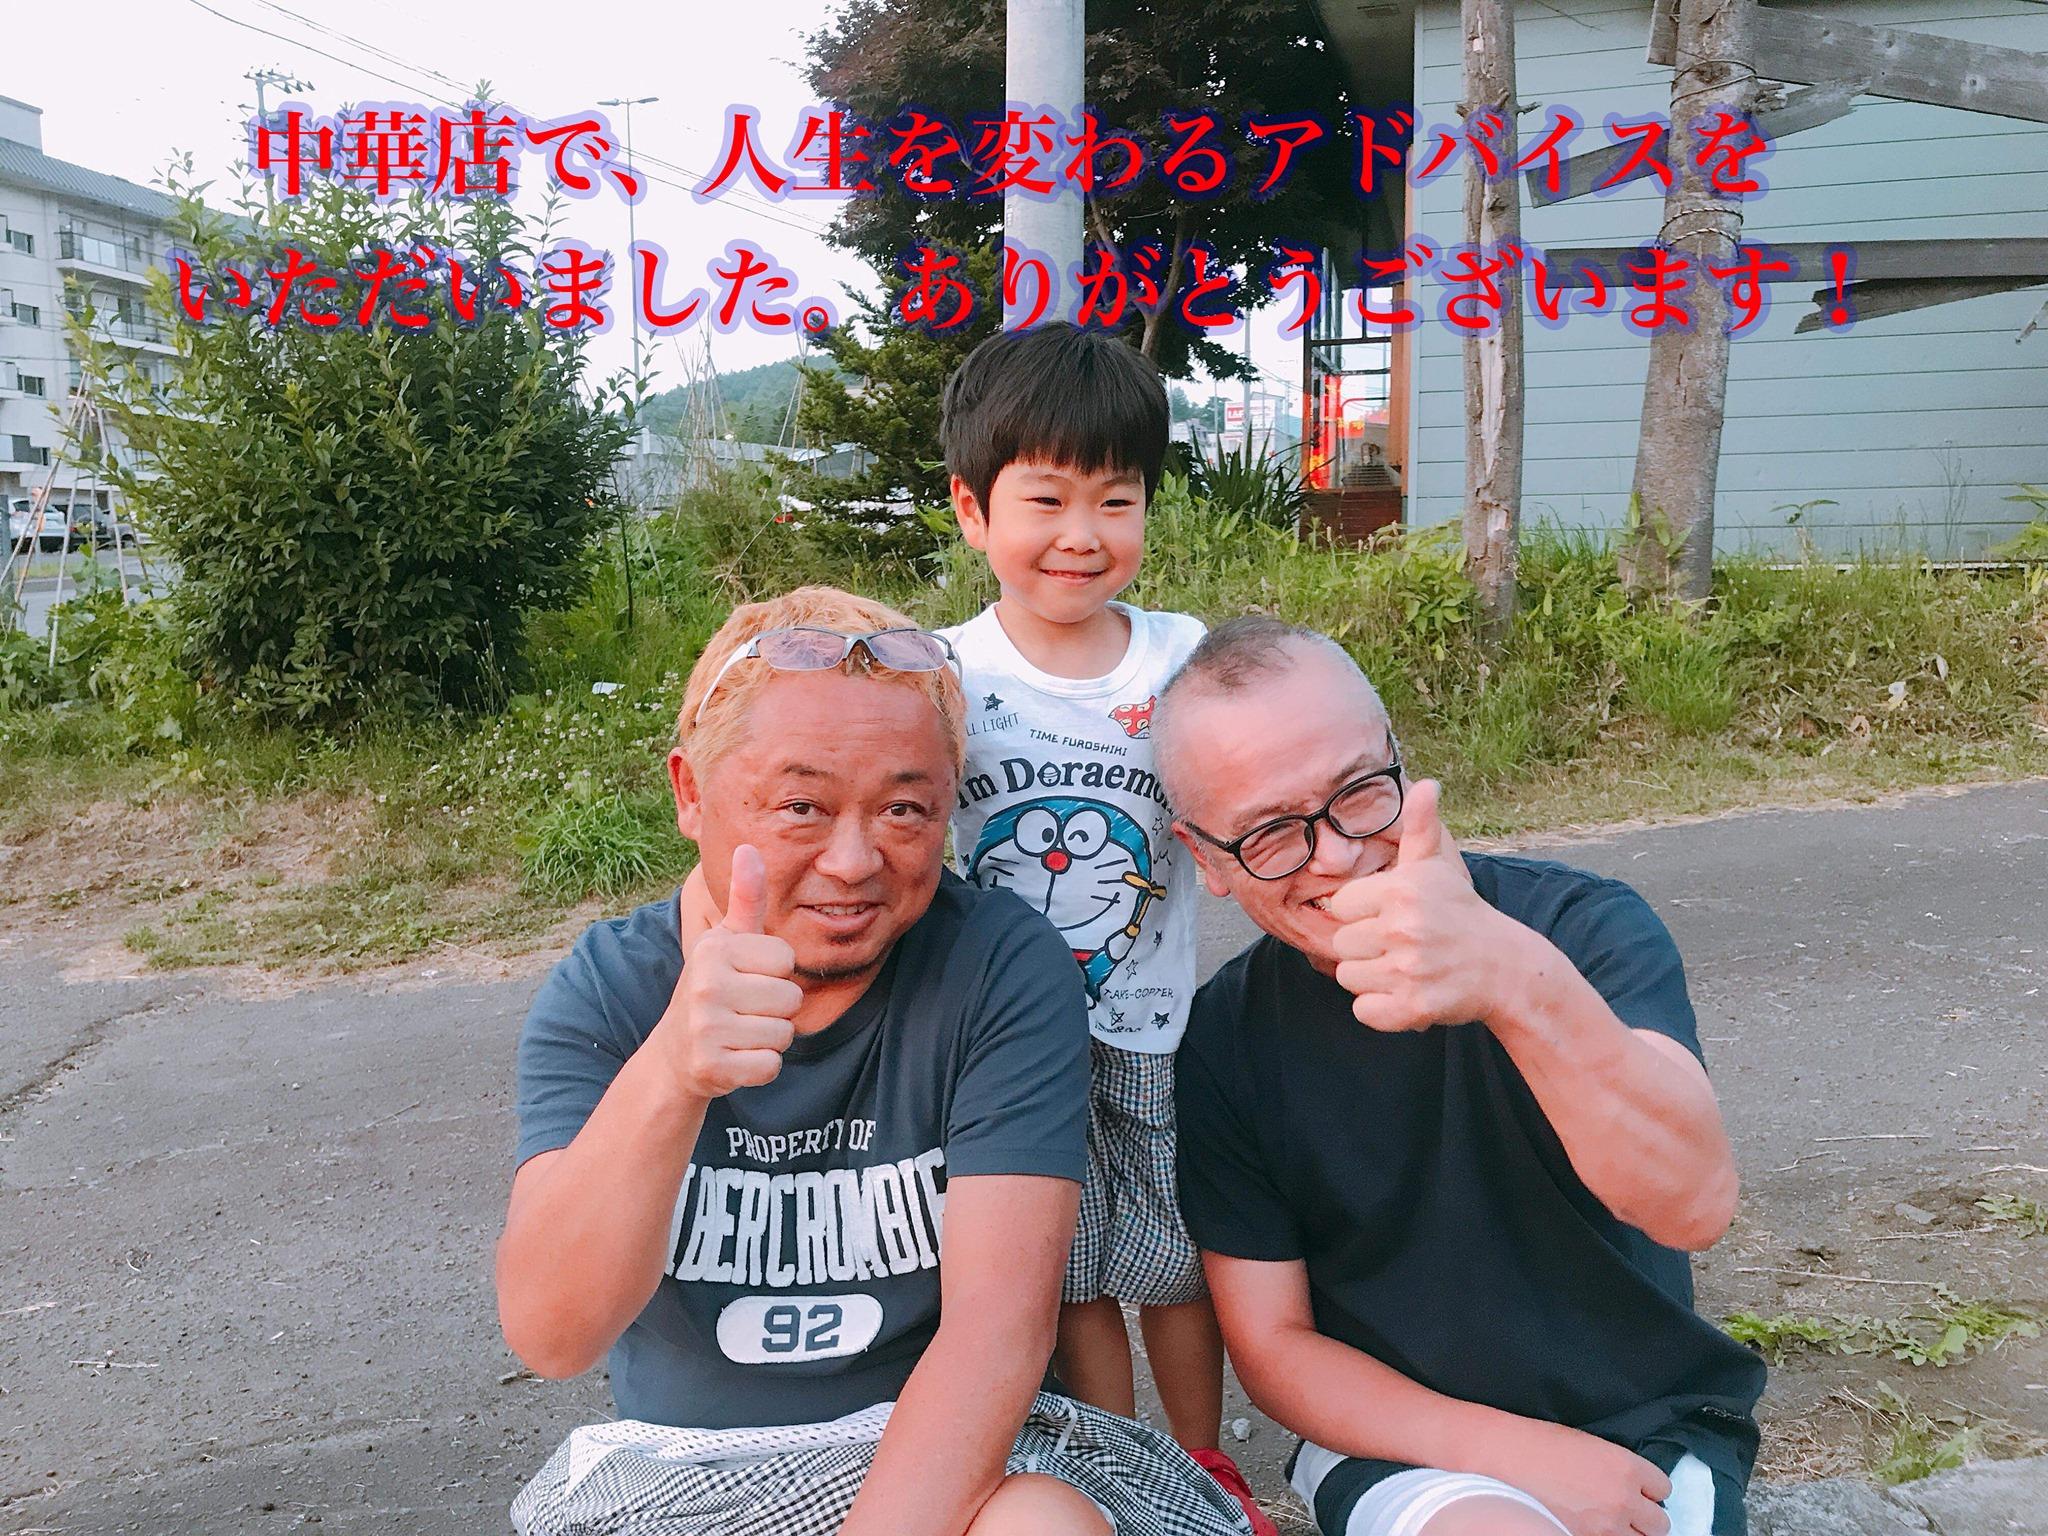 千葉修司先生のコンドミニアムエマで「金の龍」を描かせて ...